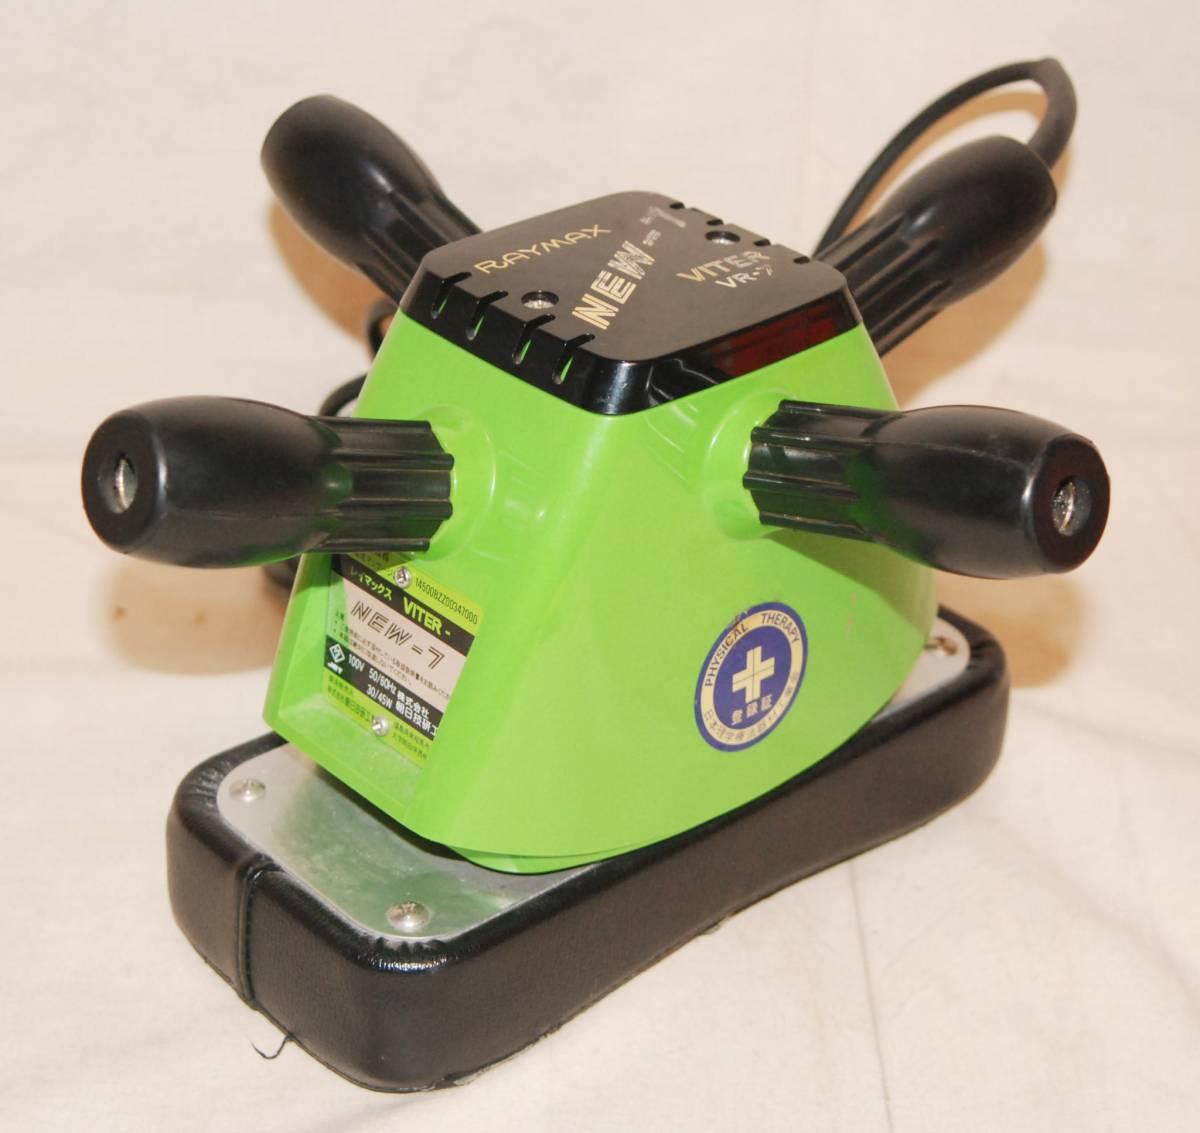 レイマックス バイター NEW7 VR-7 マッサージ器 理容店用 整骨院用 マッサージ機